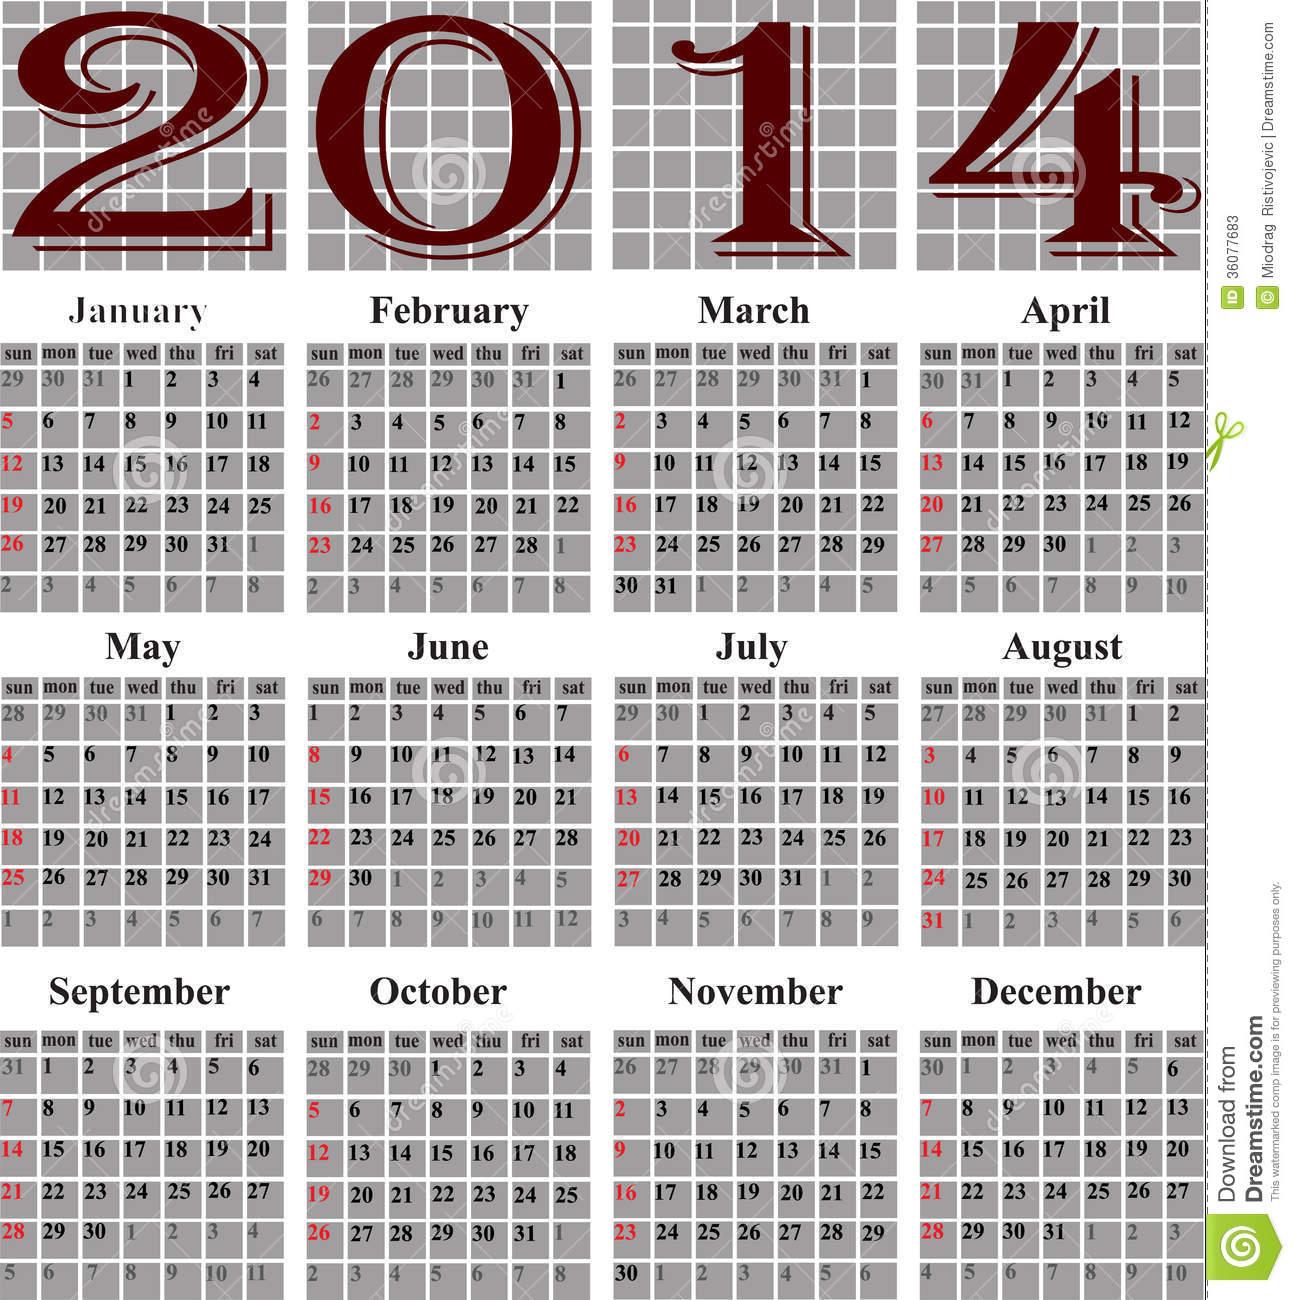 julian calendar 2014 Ideal.vistalist.co